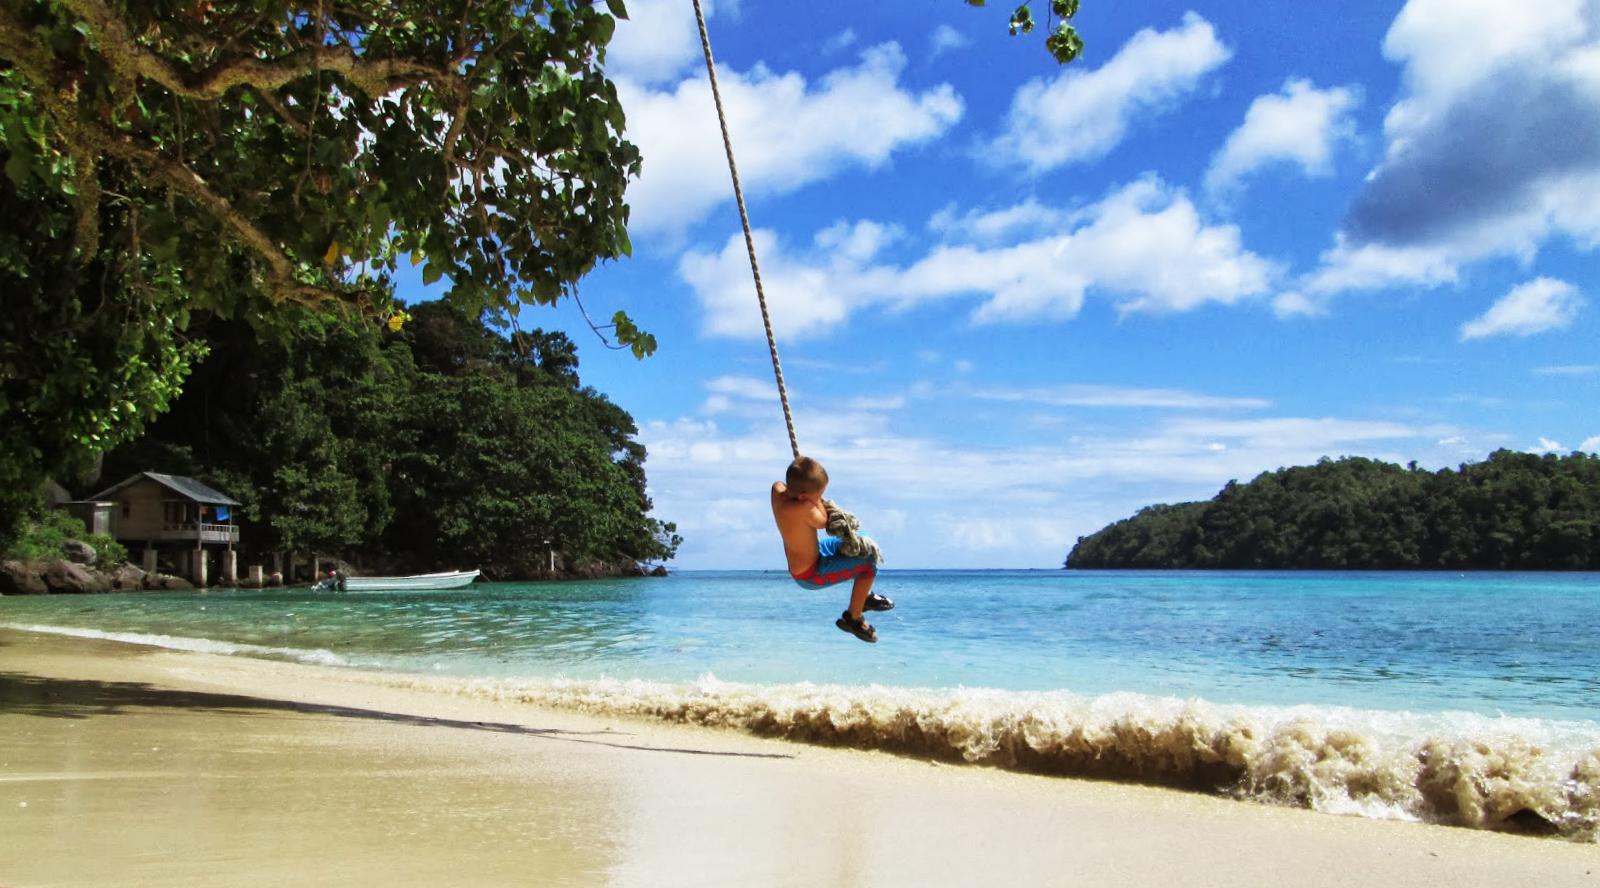 Pantai Ibioh pantai pasir putih paling keren di indonesia